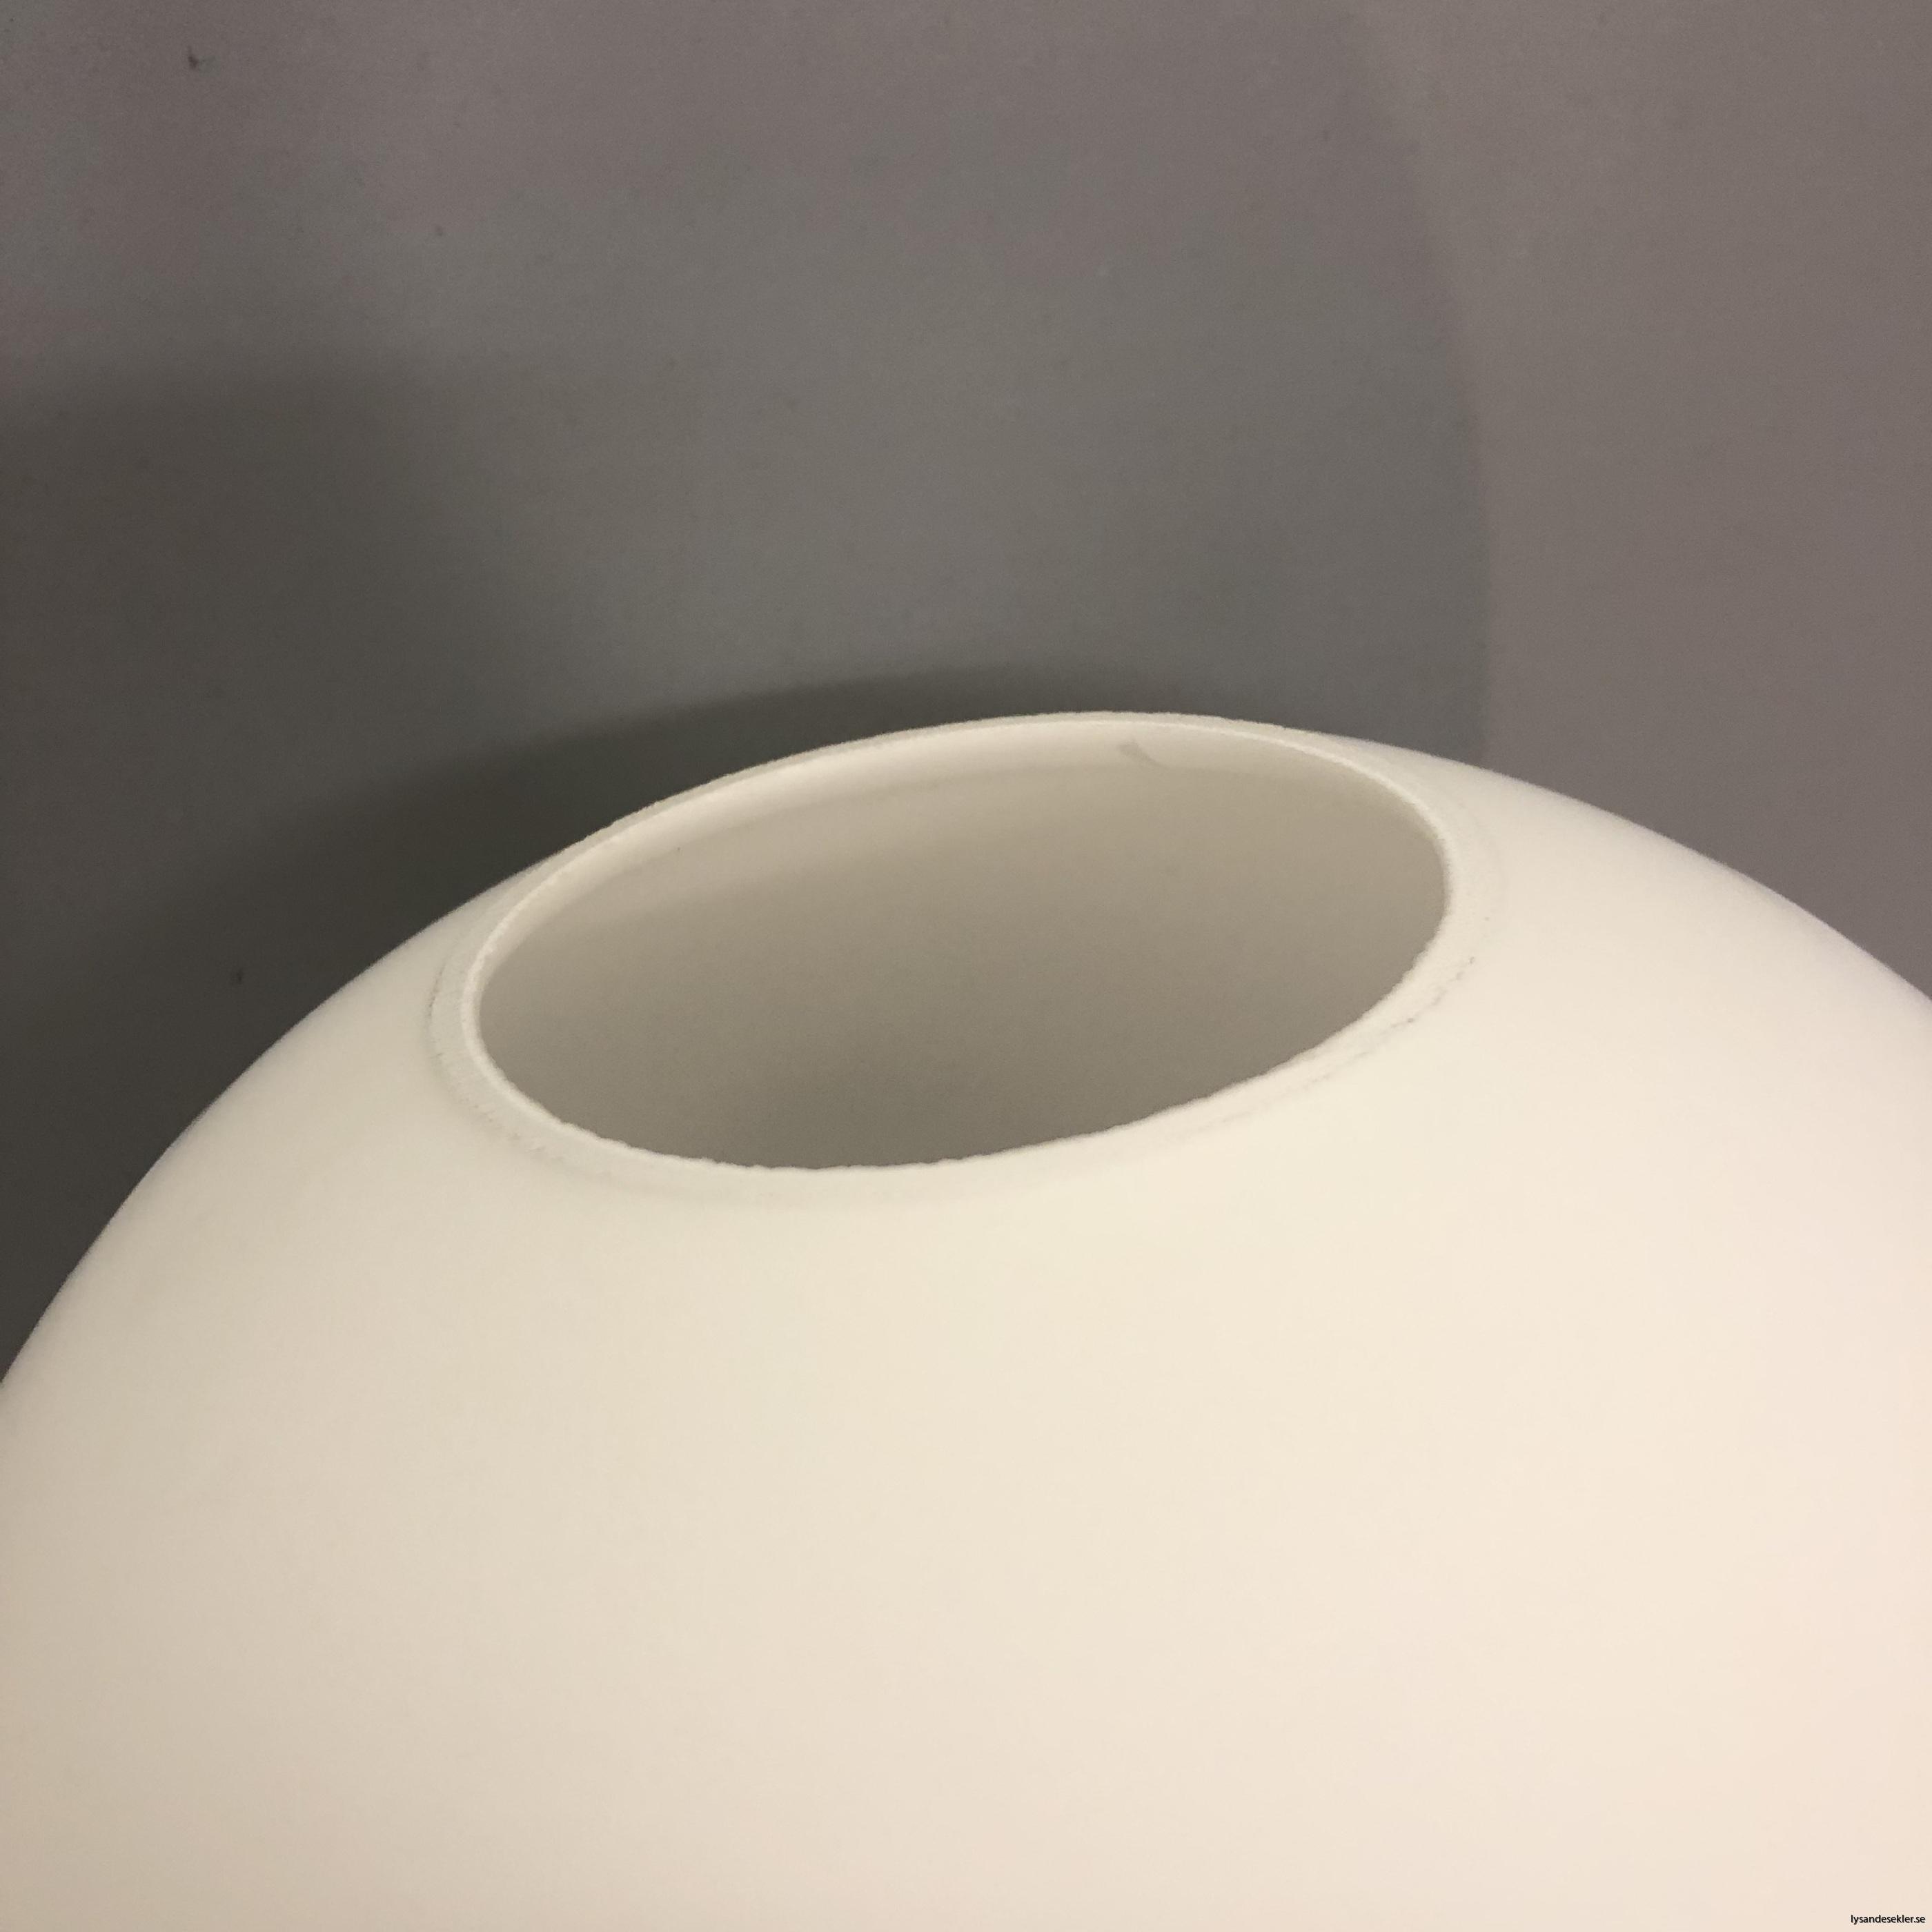 klot glas lampklot lampglas klotglas matt blankt vitt hålkupa hål9